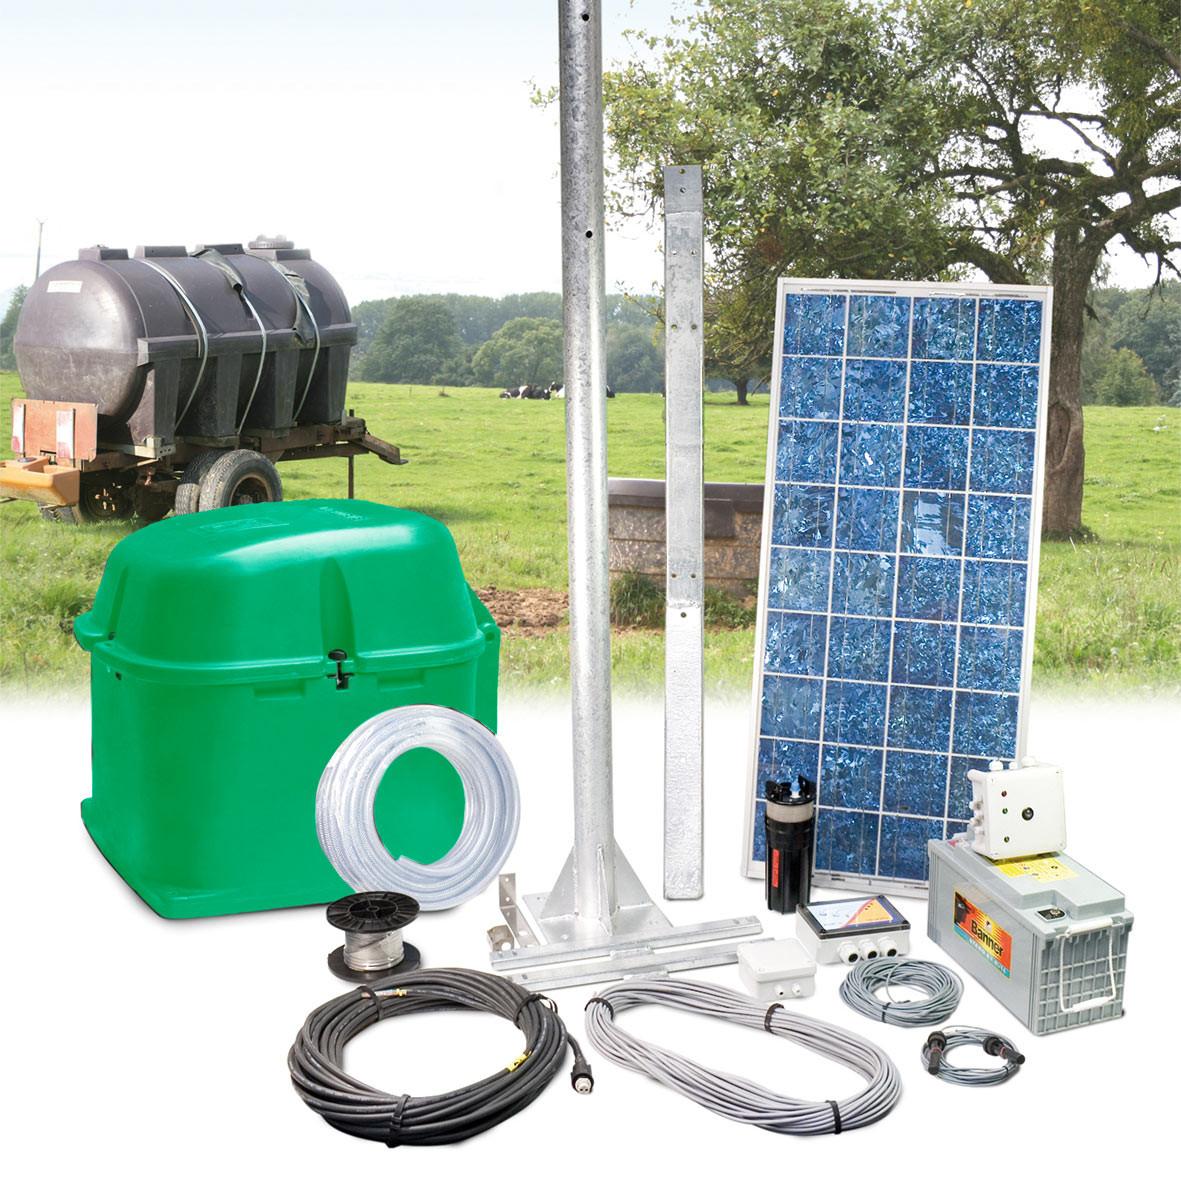 Solar pump station SOLAR-FLOW STORAGE 12 V